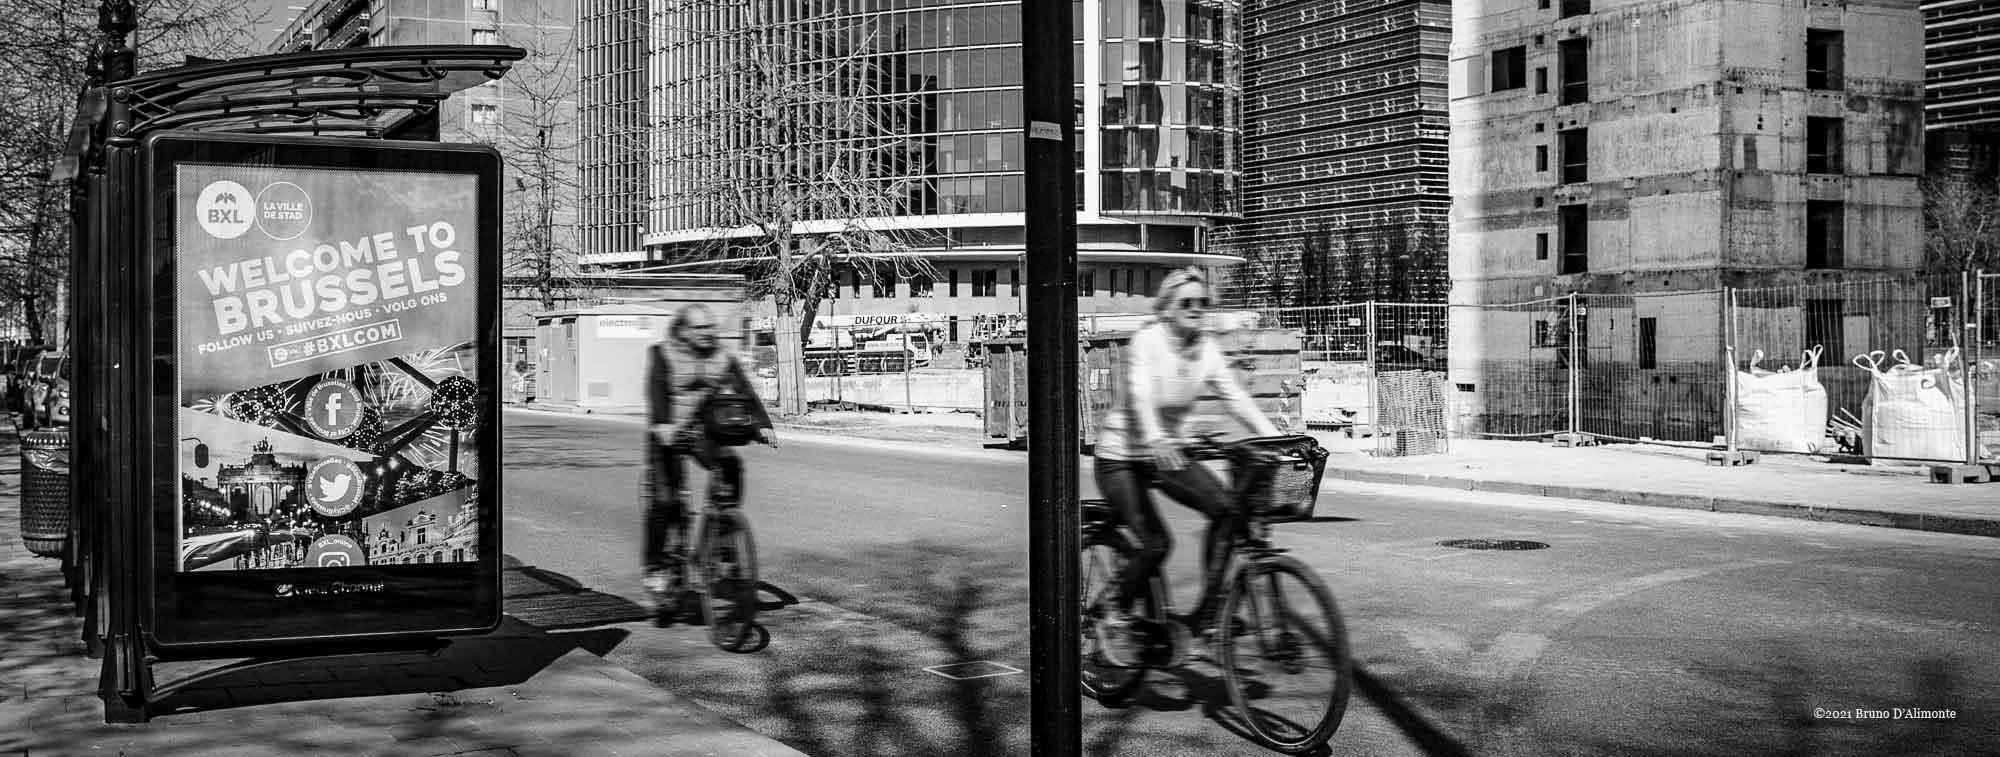 2 cyclistes de passage devant le projet Zin et les tours WTC alors qu'un panneau publicitaire nous invite à découvrir Bruxelles.